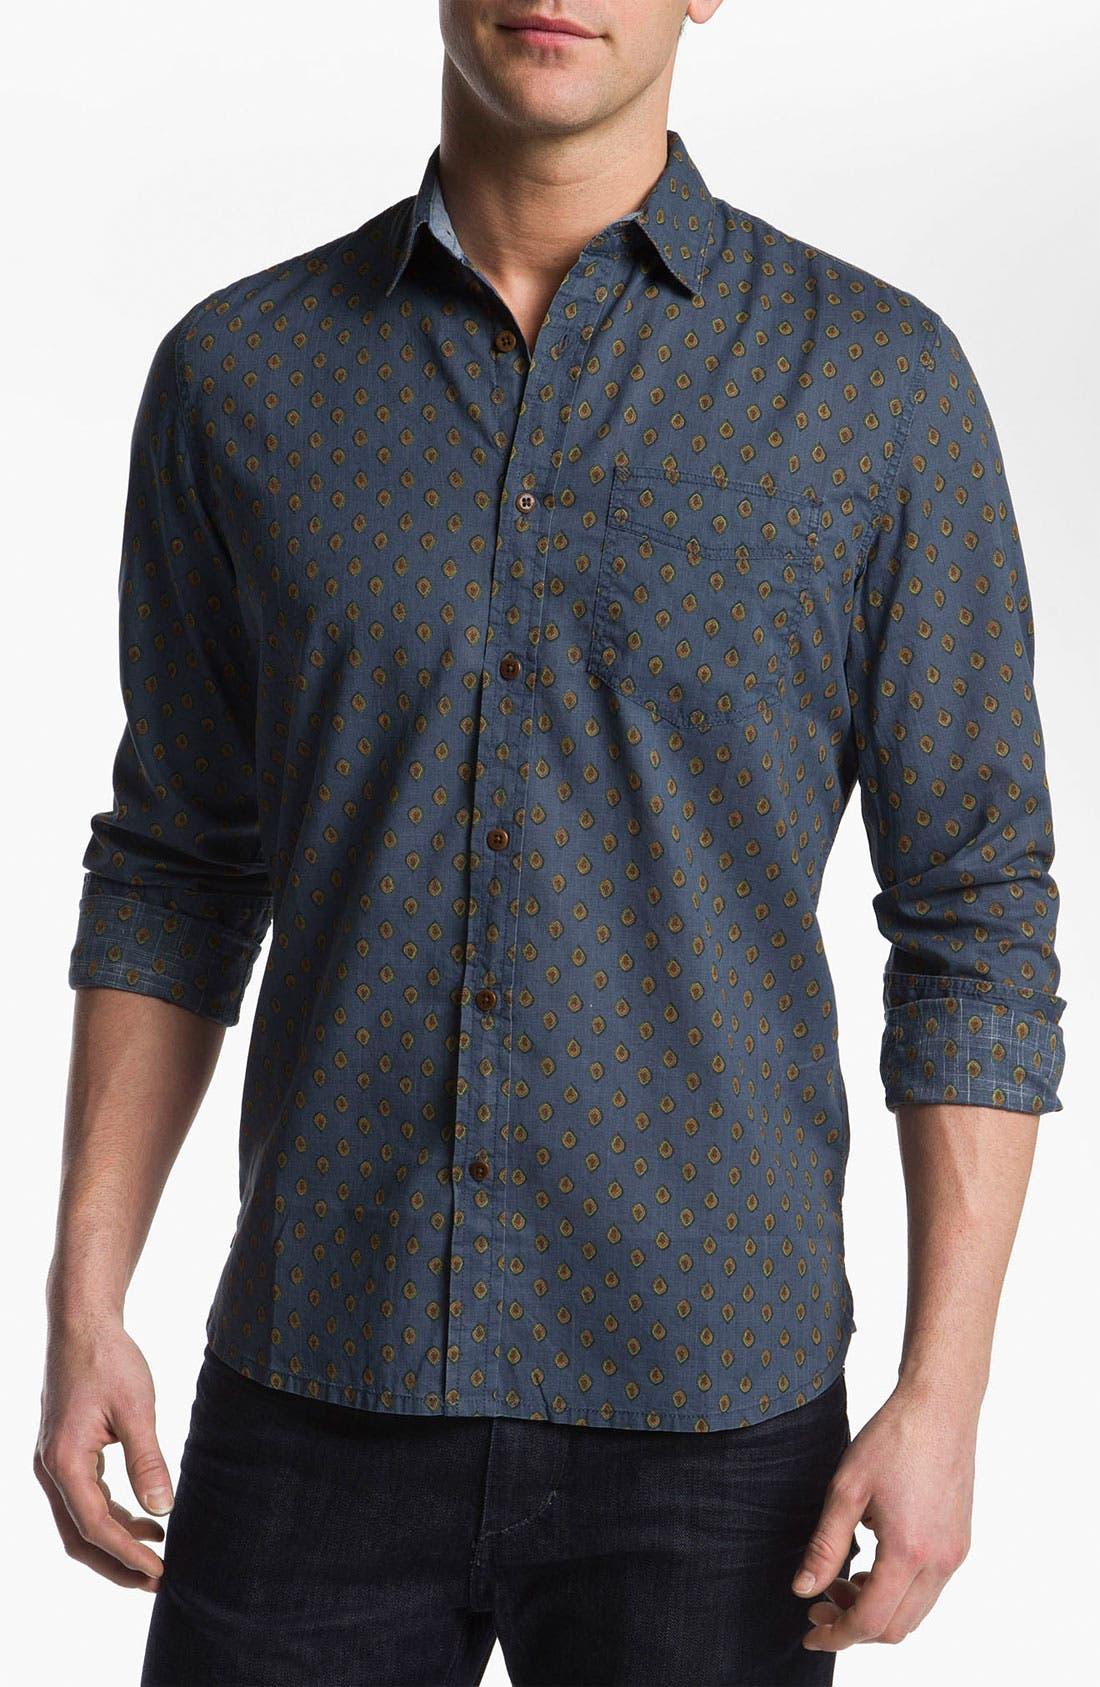 Main Image - Woolrich John Rich 'William' Woven Shirt